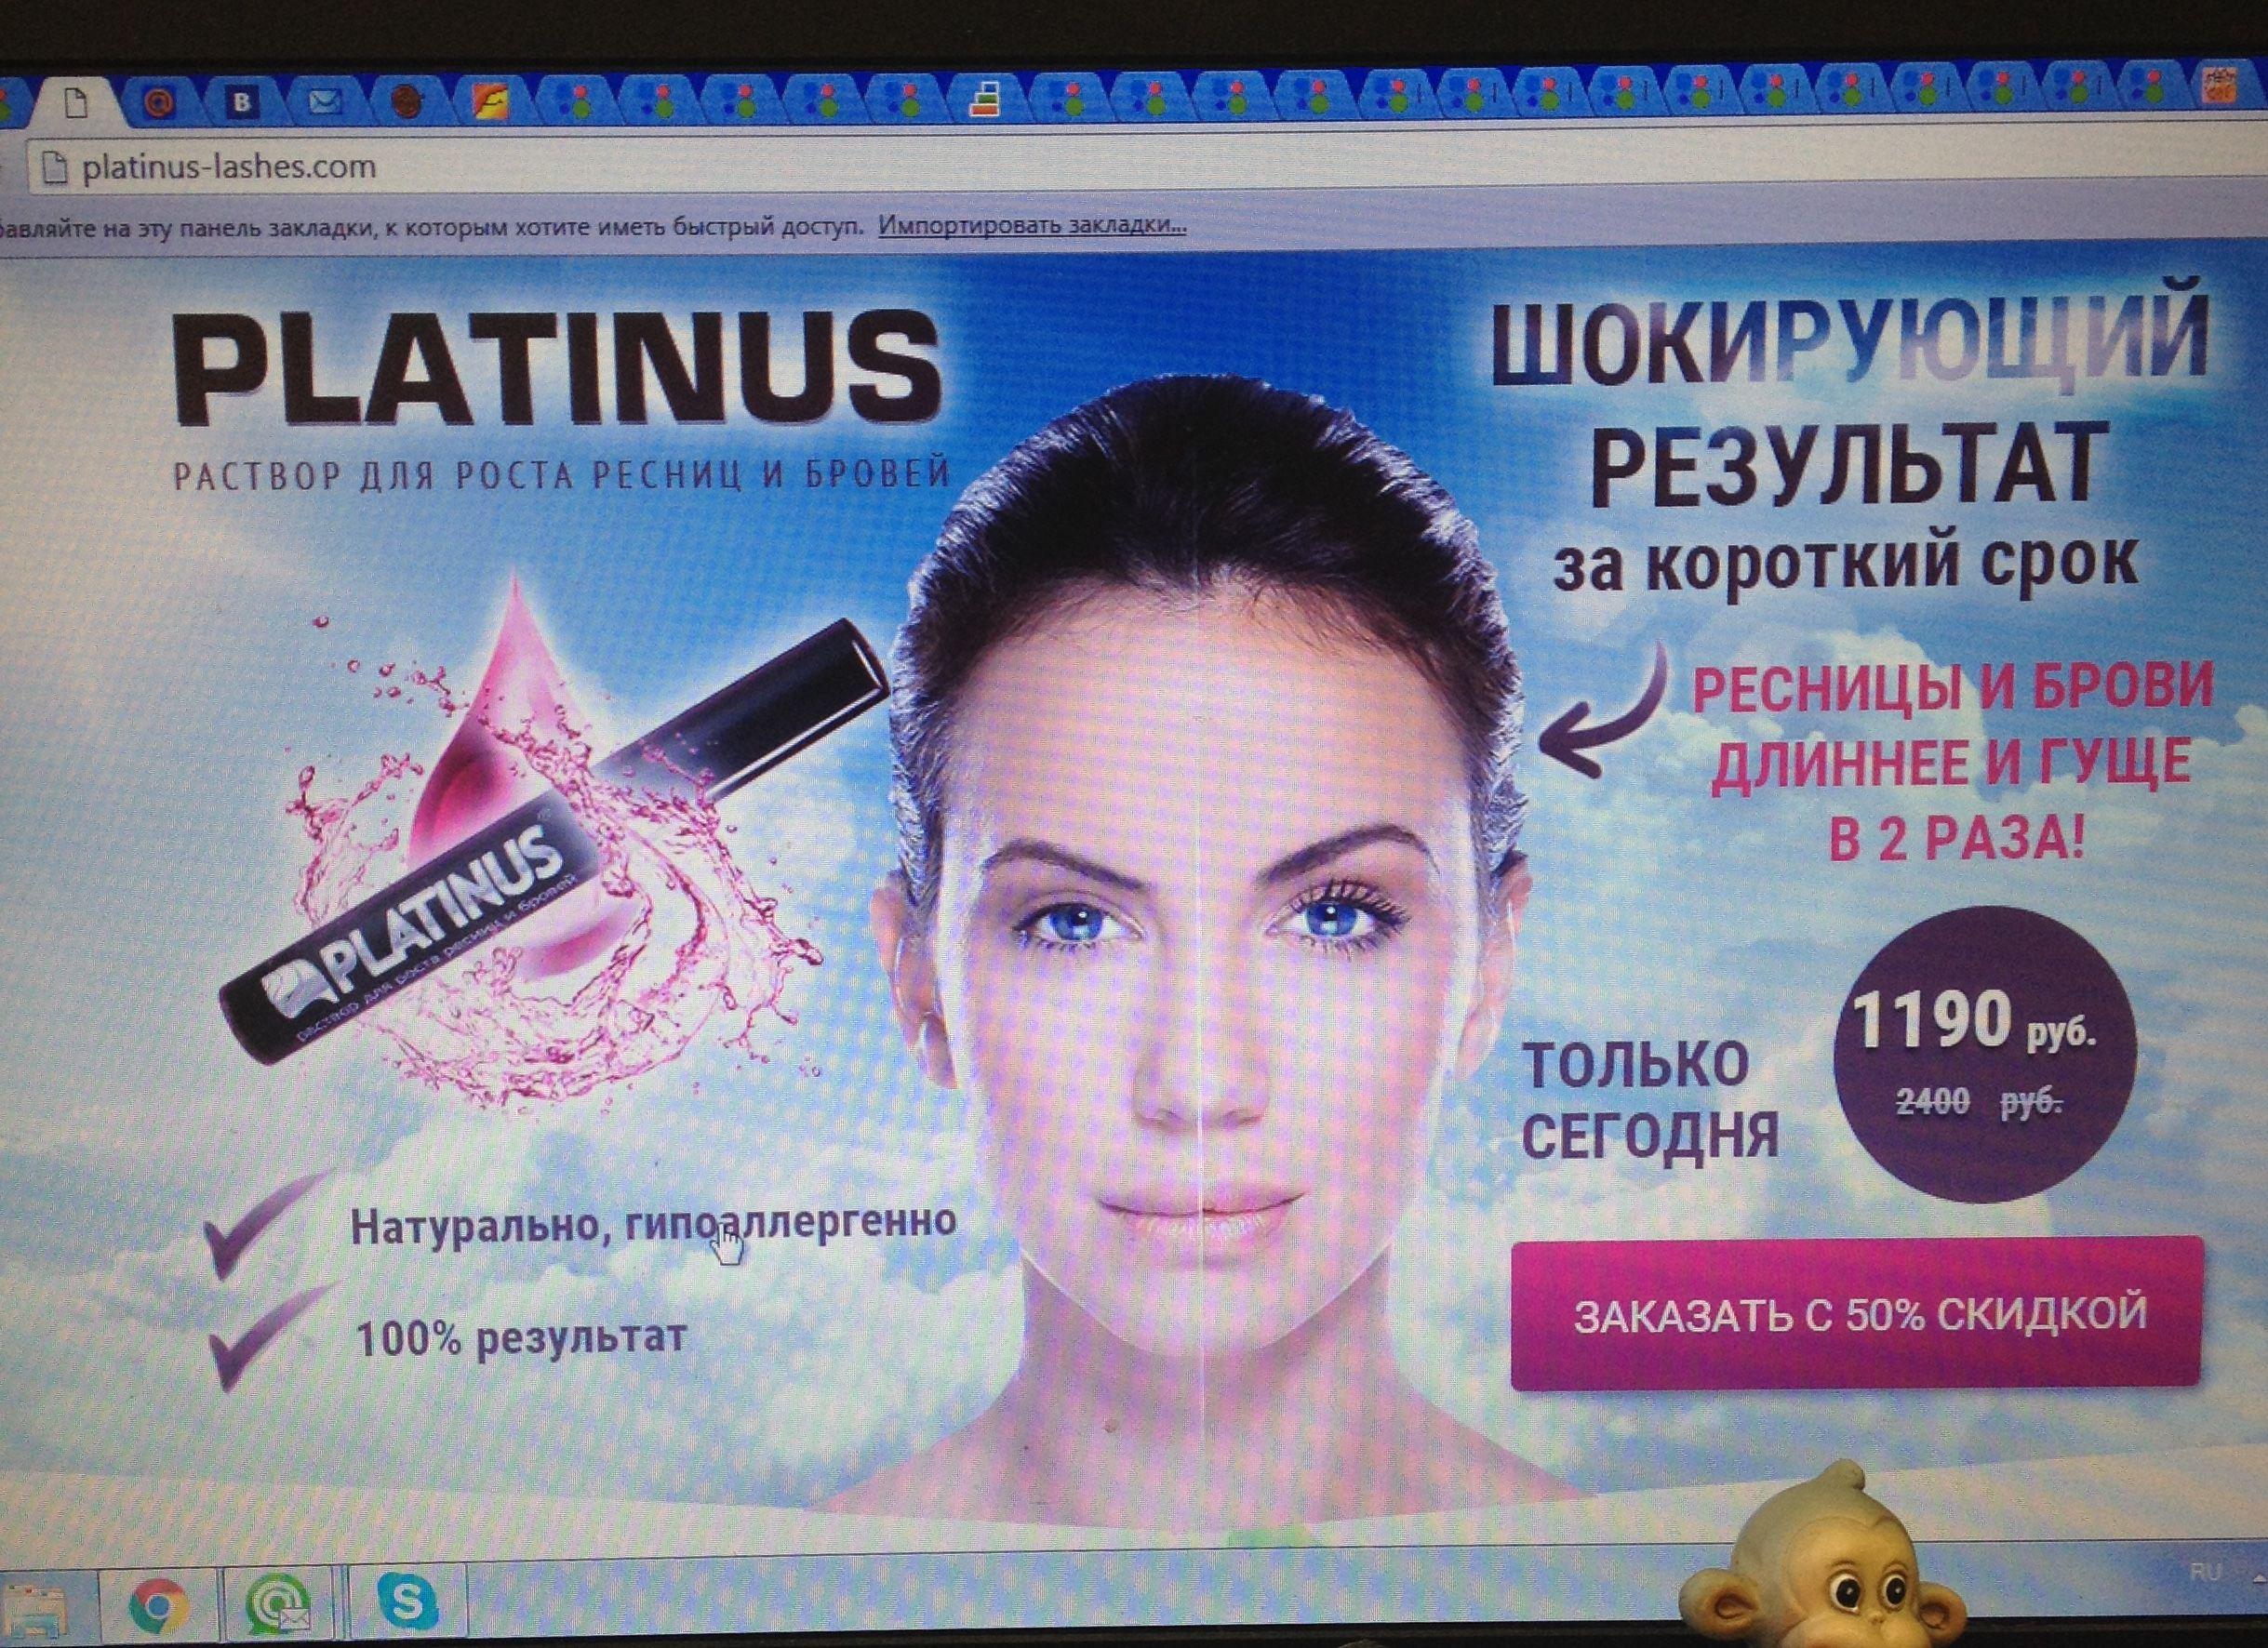 Купить glasses за бесценок в москва dji phantom 4 купить в россии